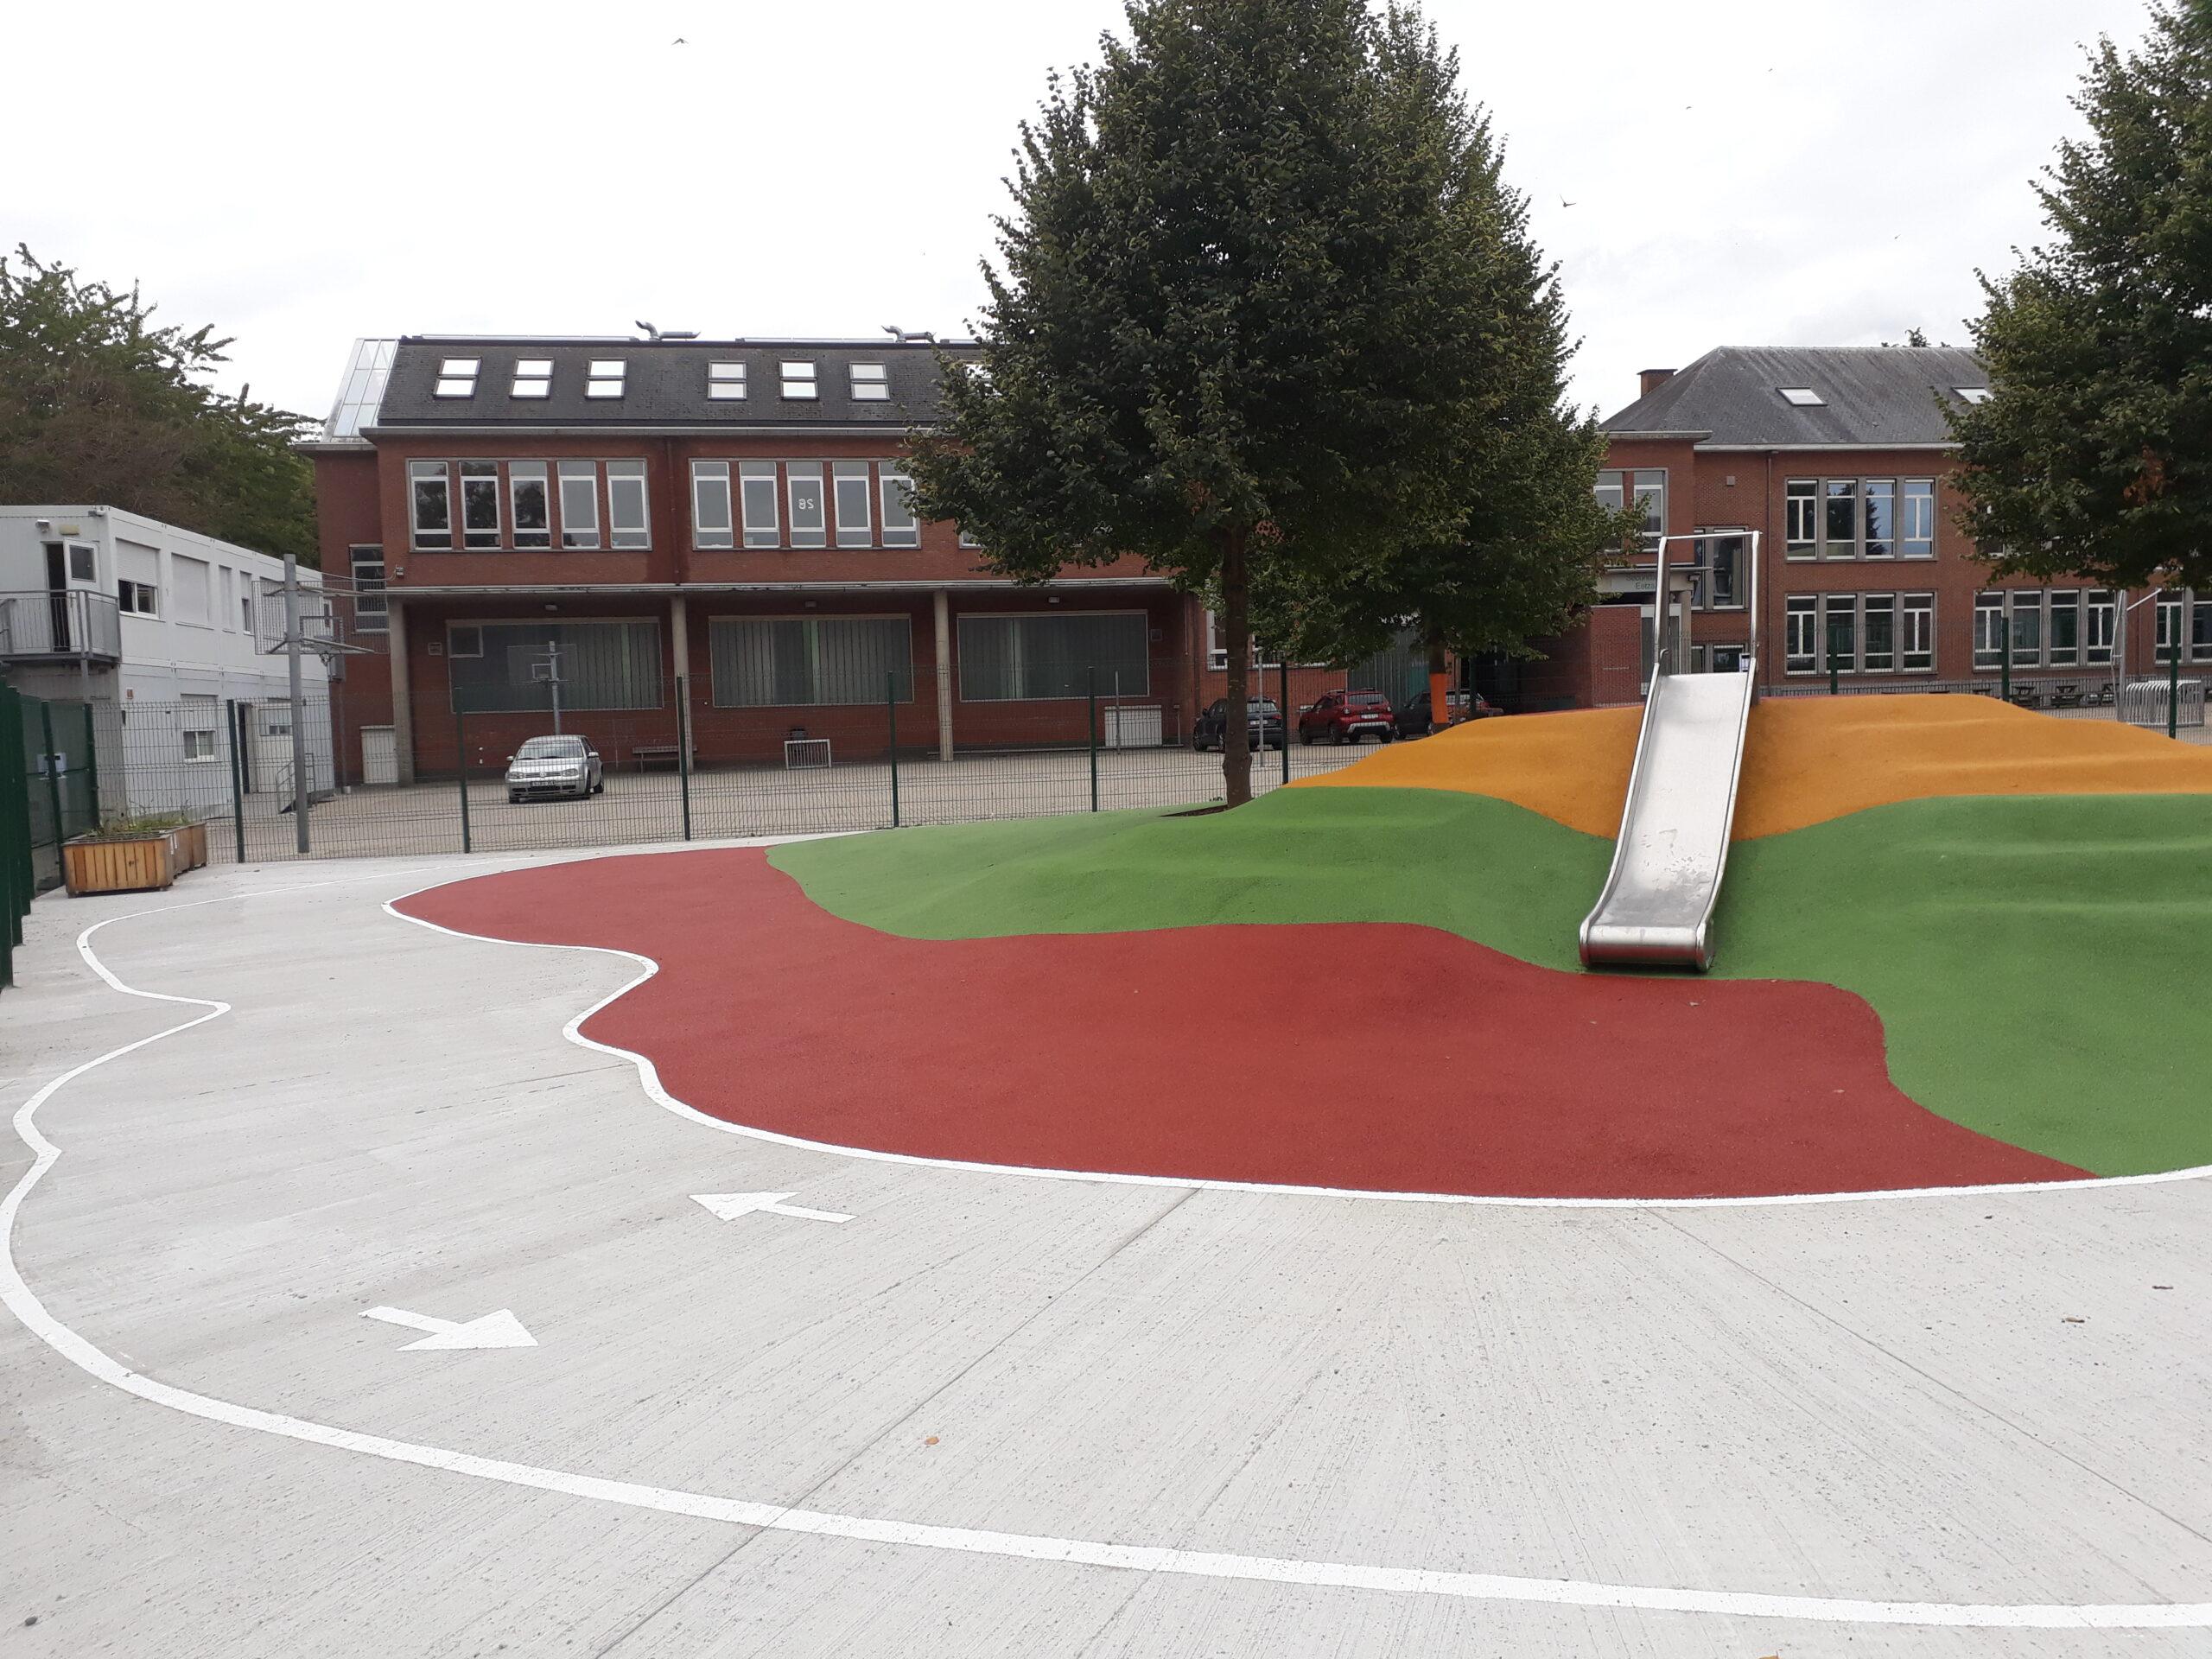 aanleg speelplaats en rubberen speelvloer